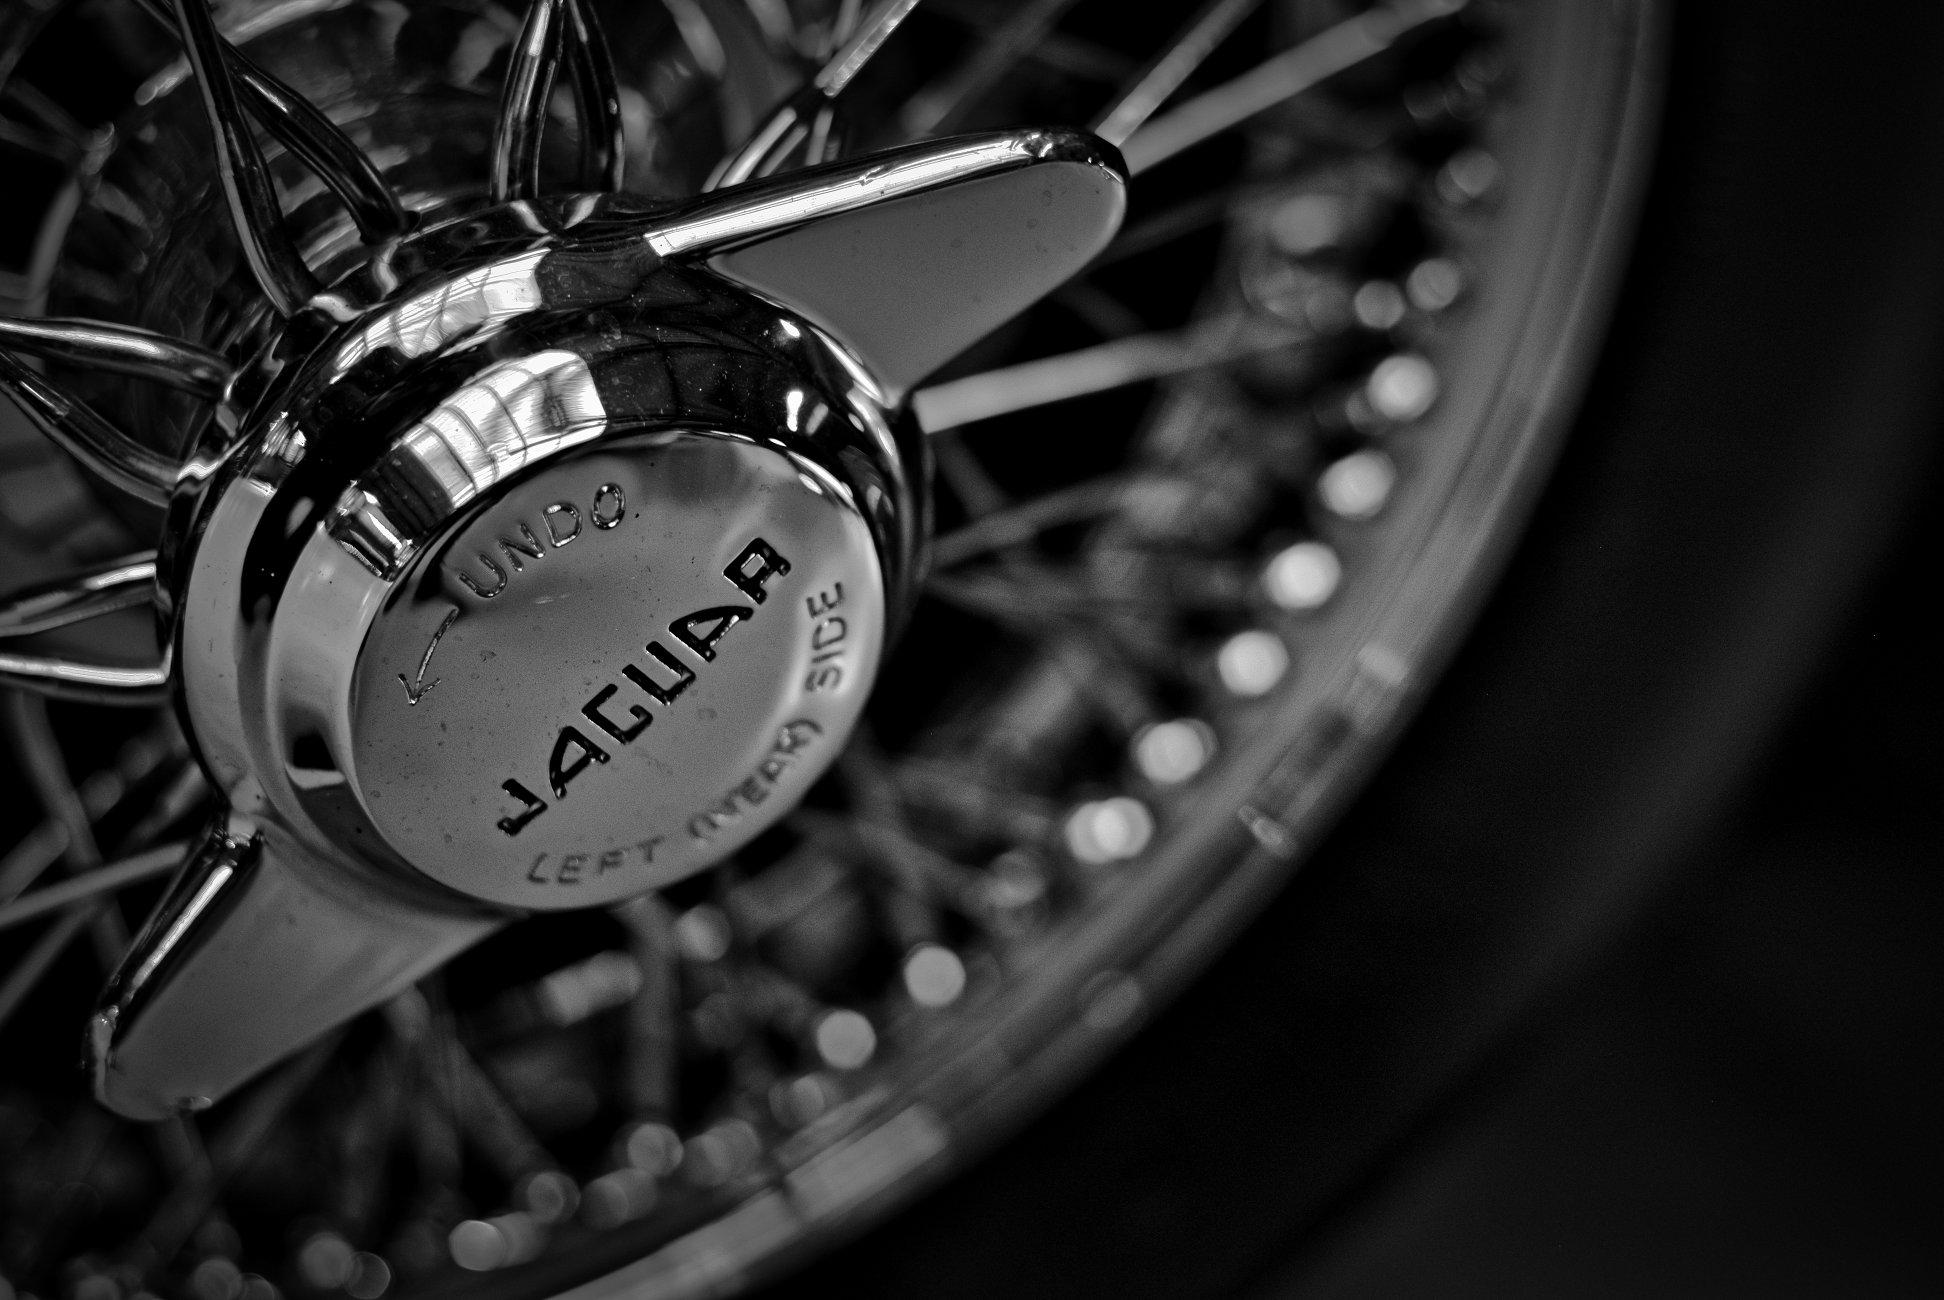 E-Type Jaguar rim Detail